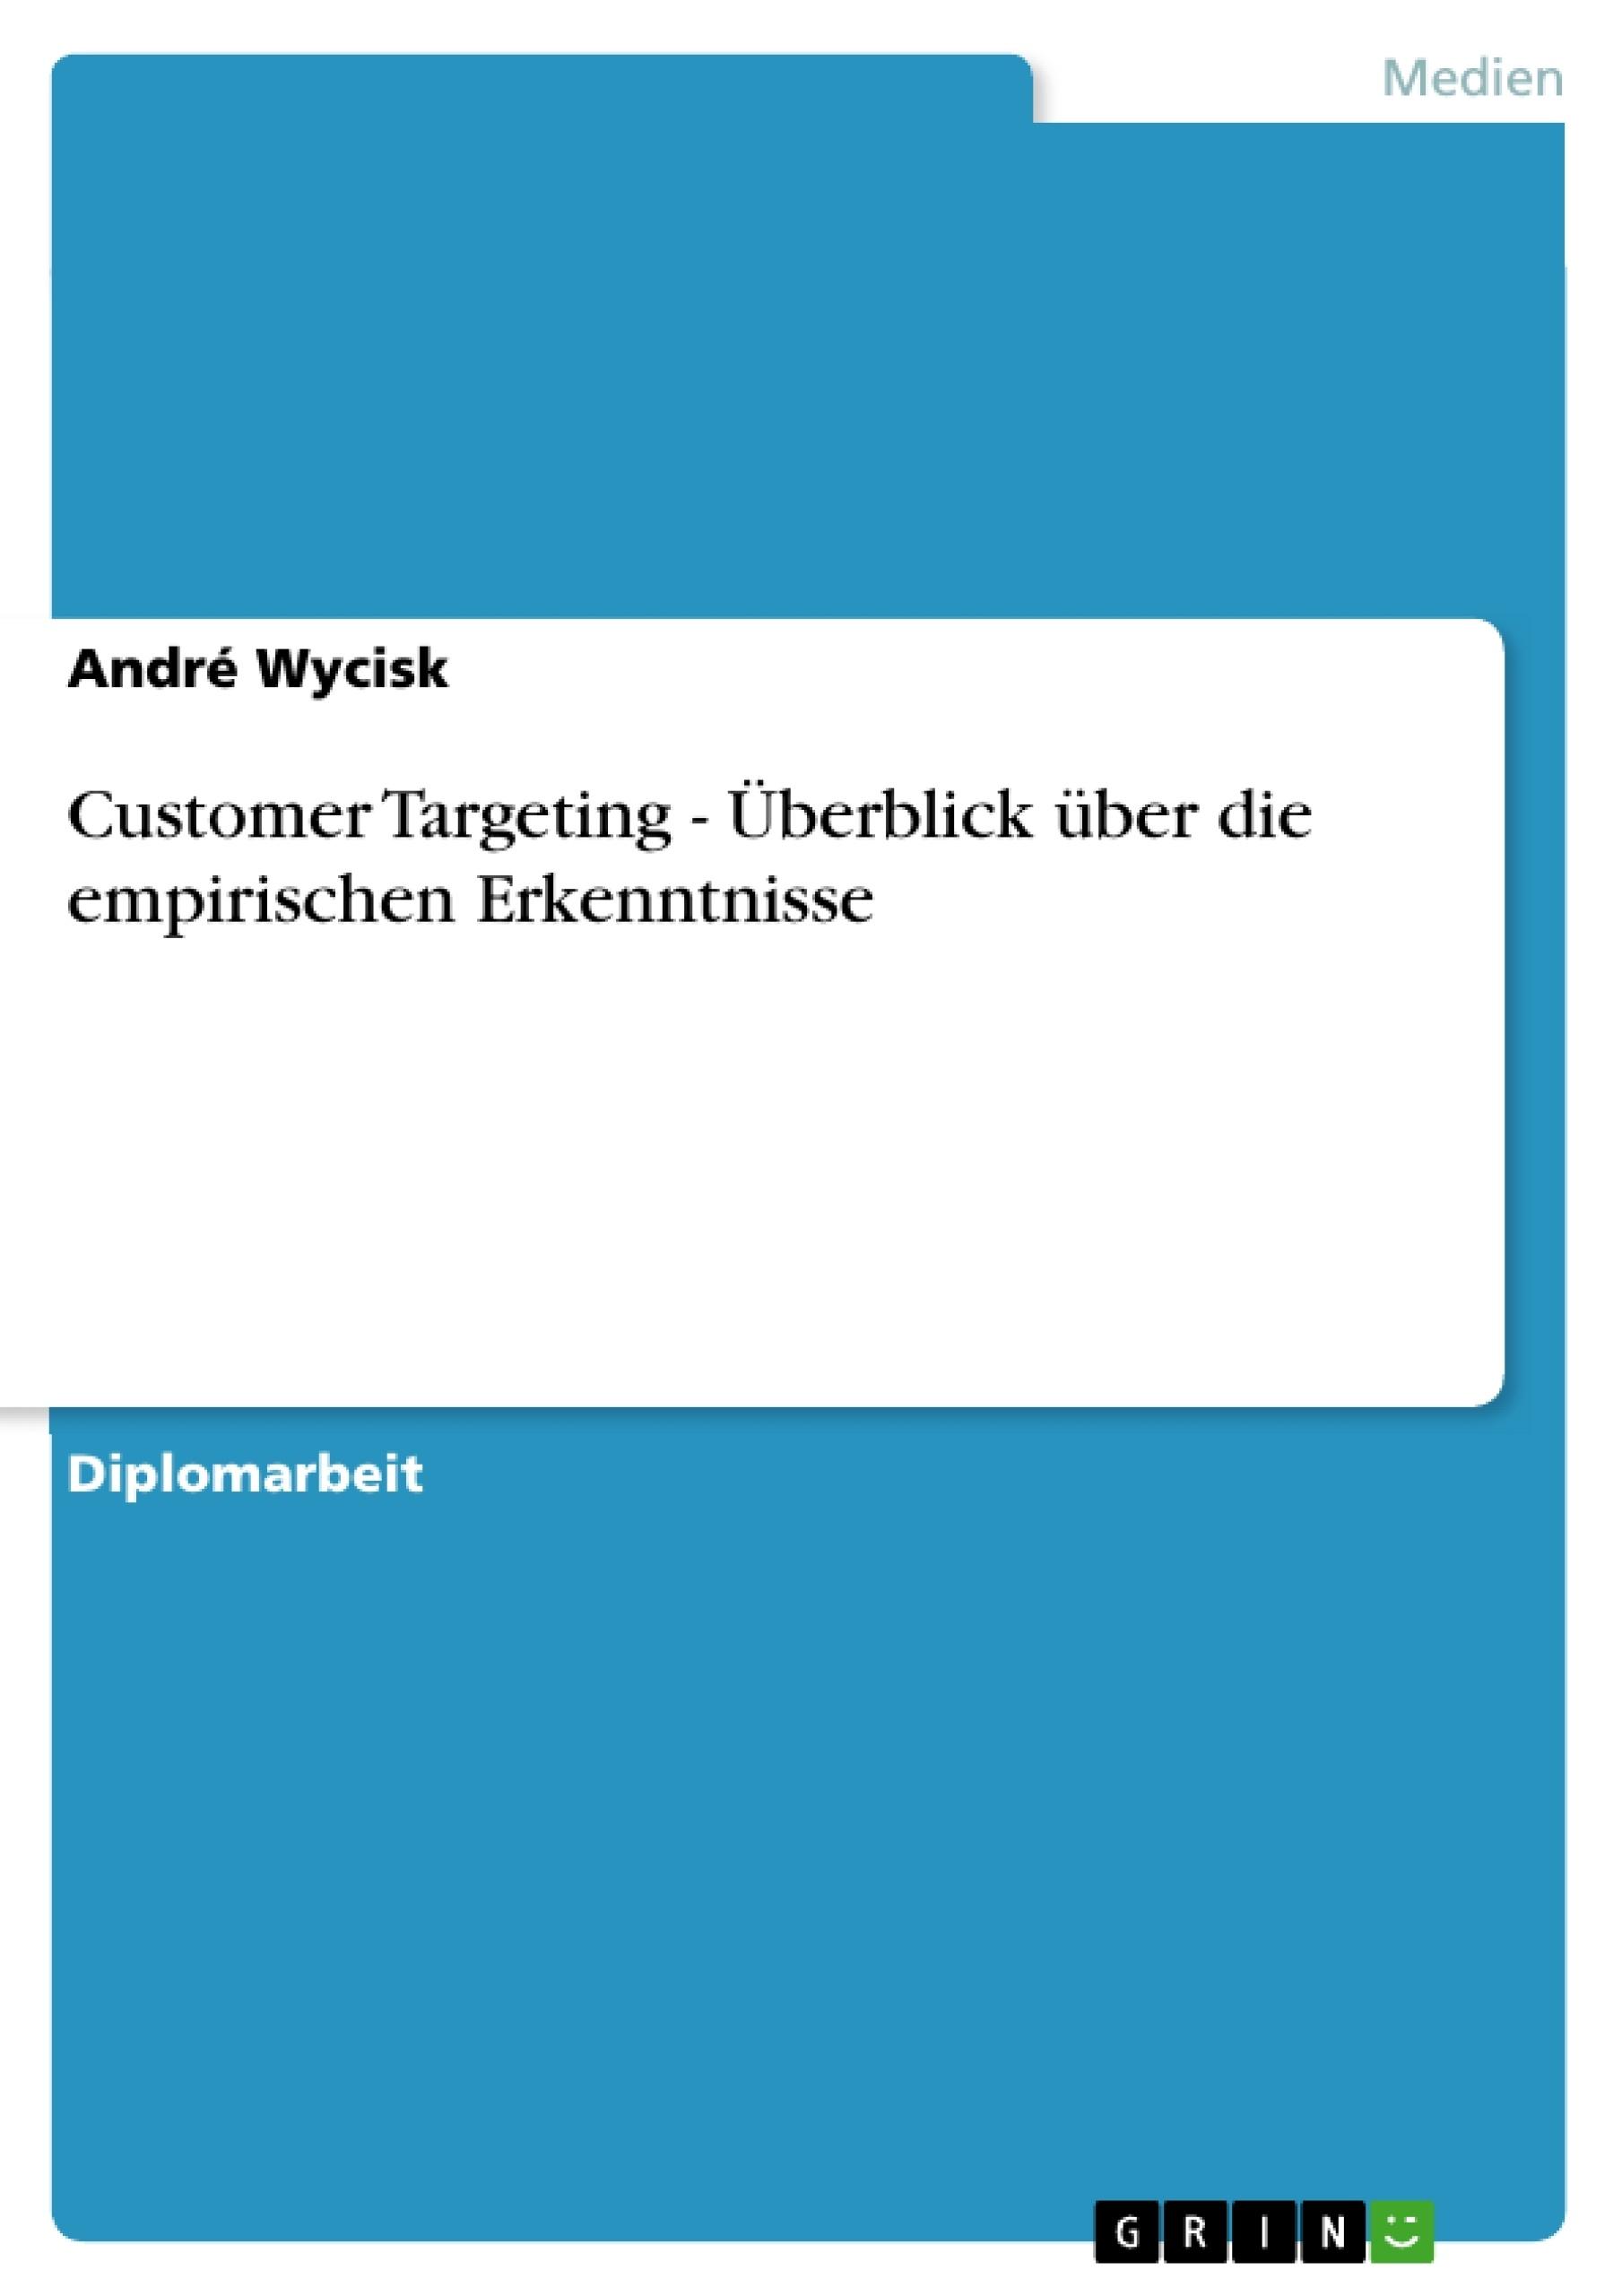 Titel: Customer Targeting - Überblick über die empirischen Erkenntnisse